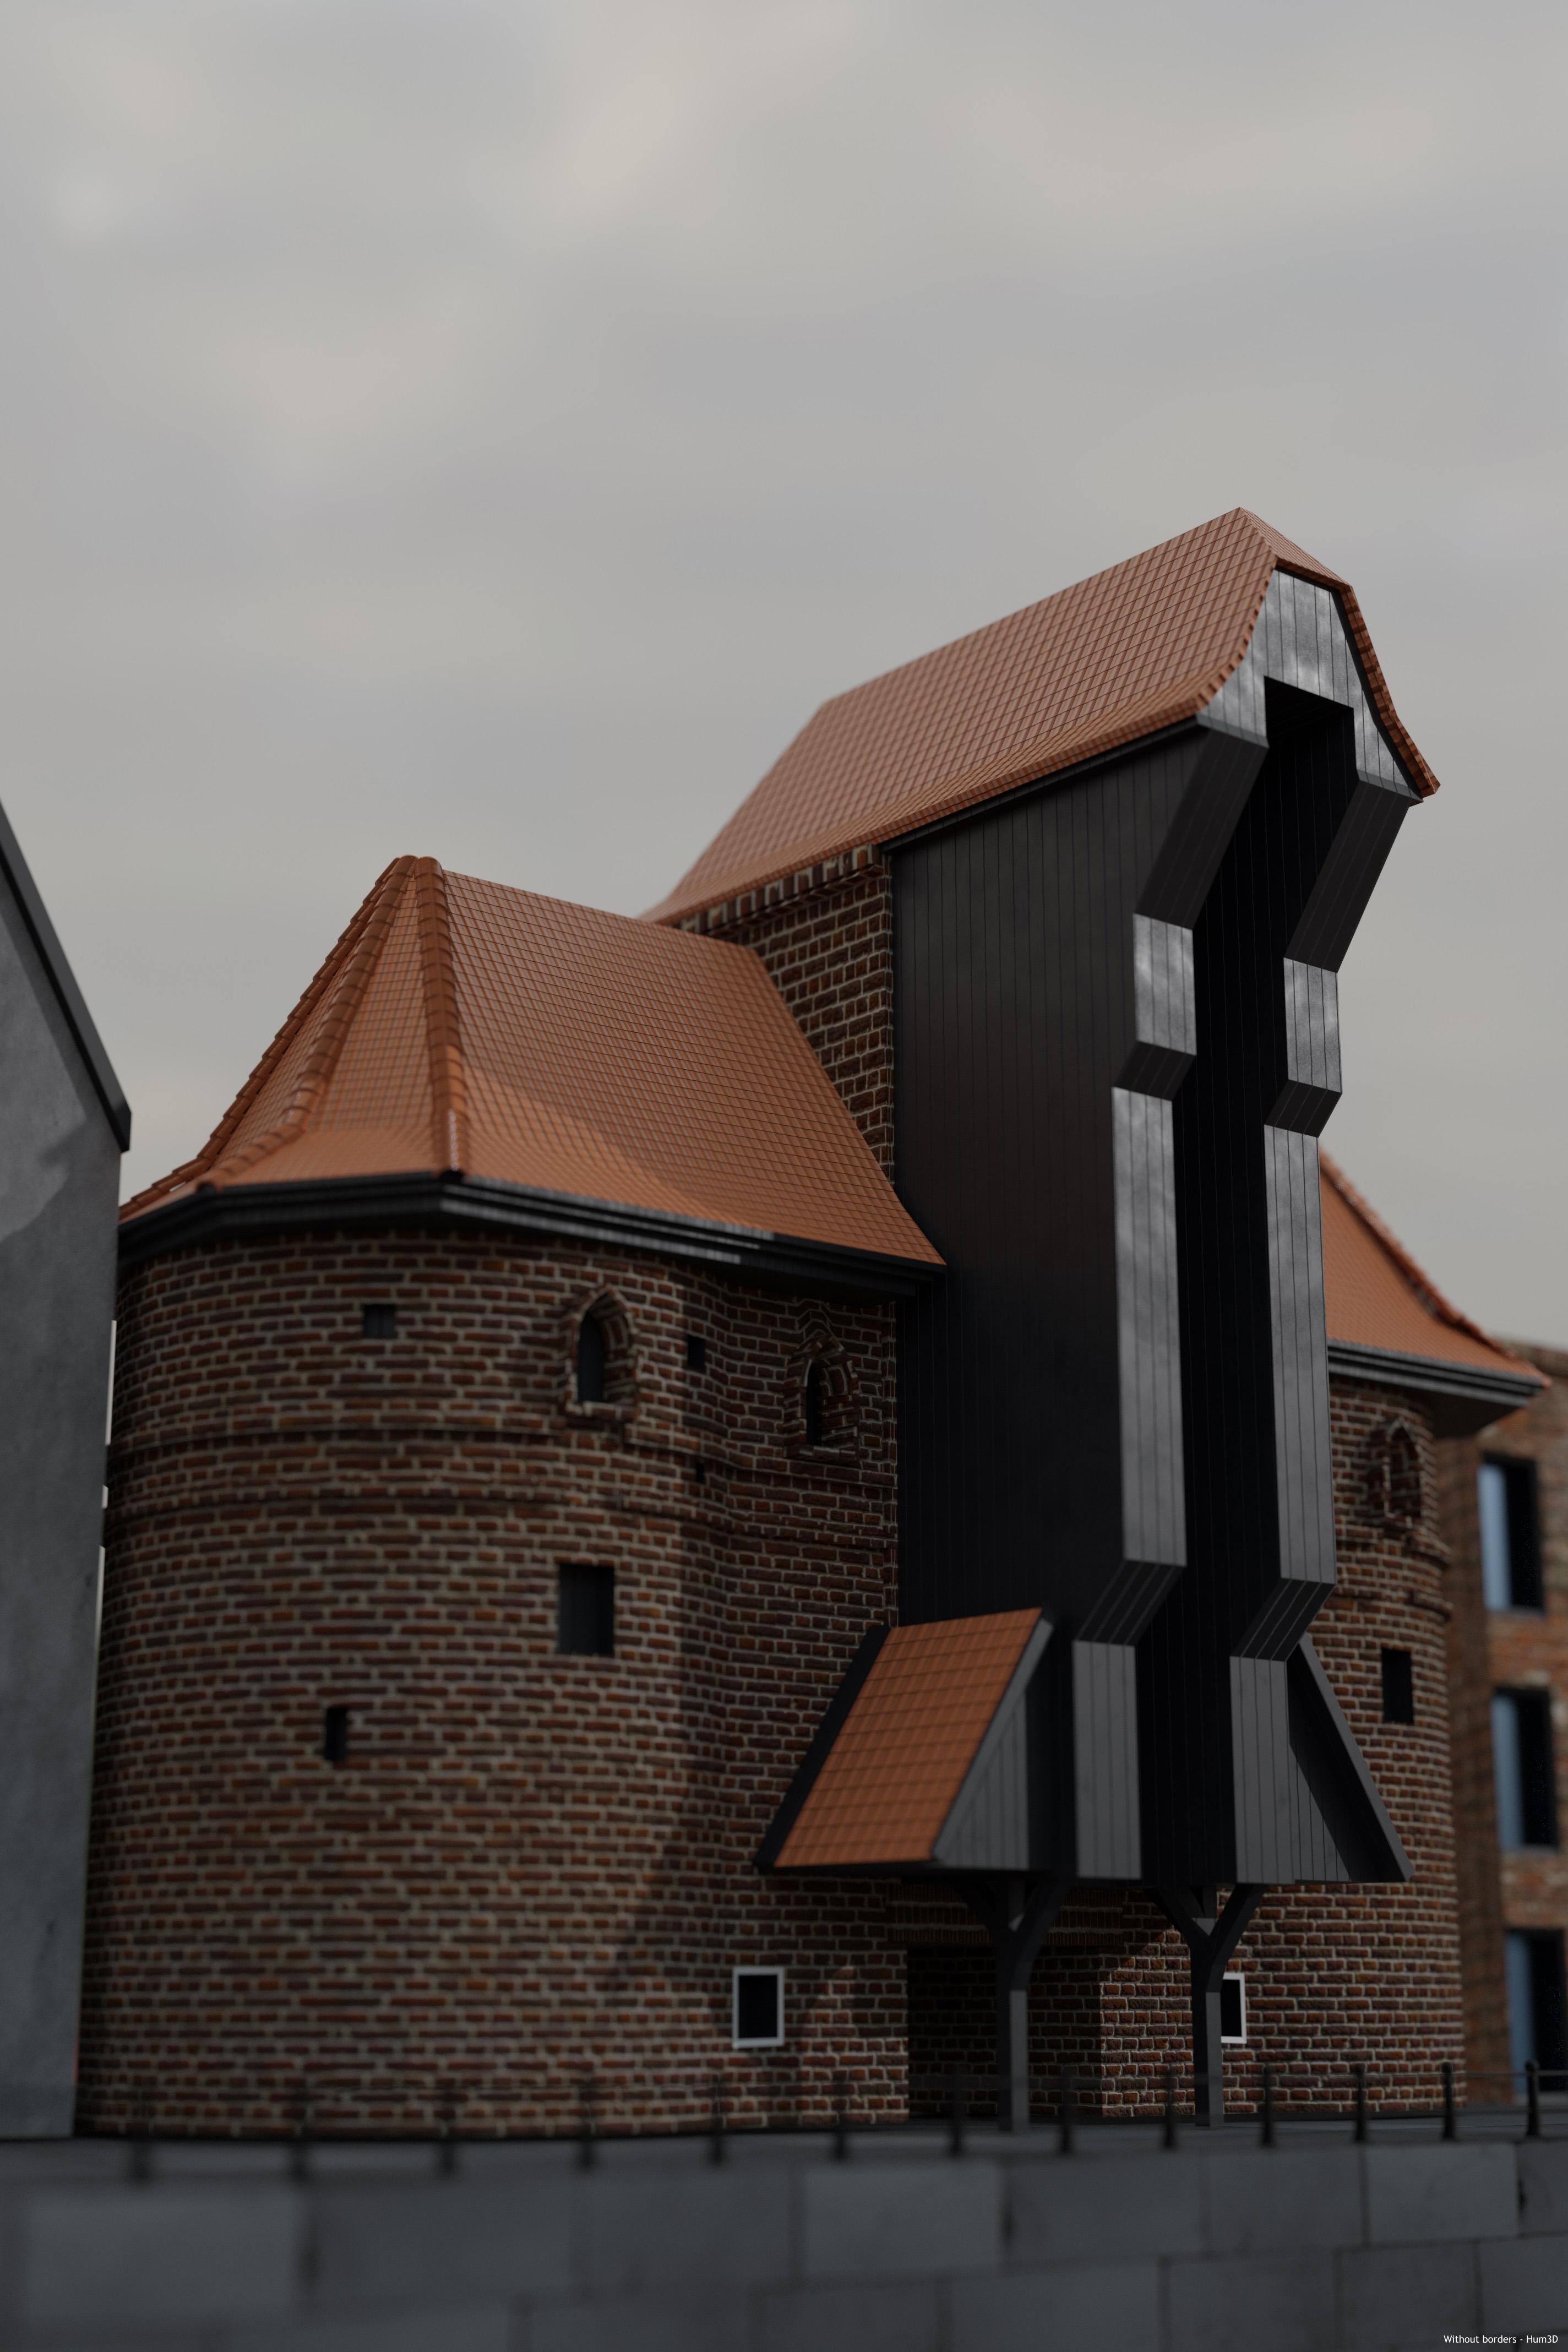 Gdansk Medieval Crane 3d art